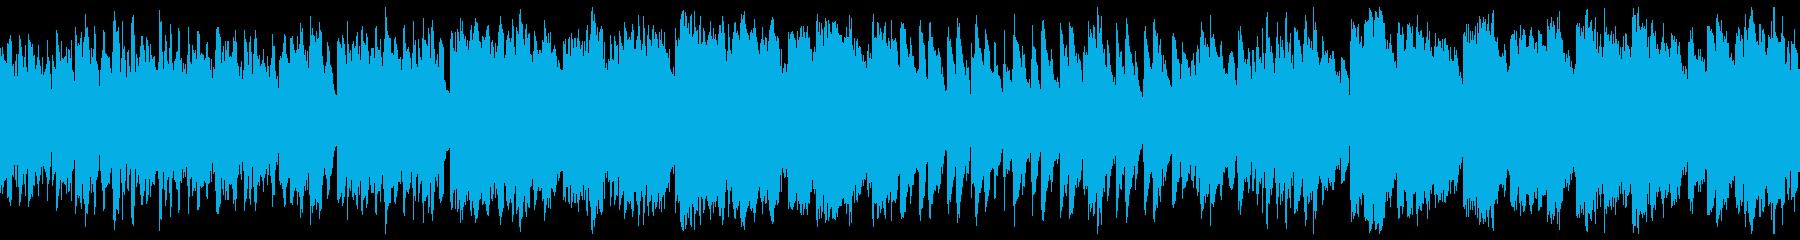 温かい、かわいい思い出 笛 グロッケンの再生済みの波形